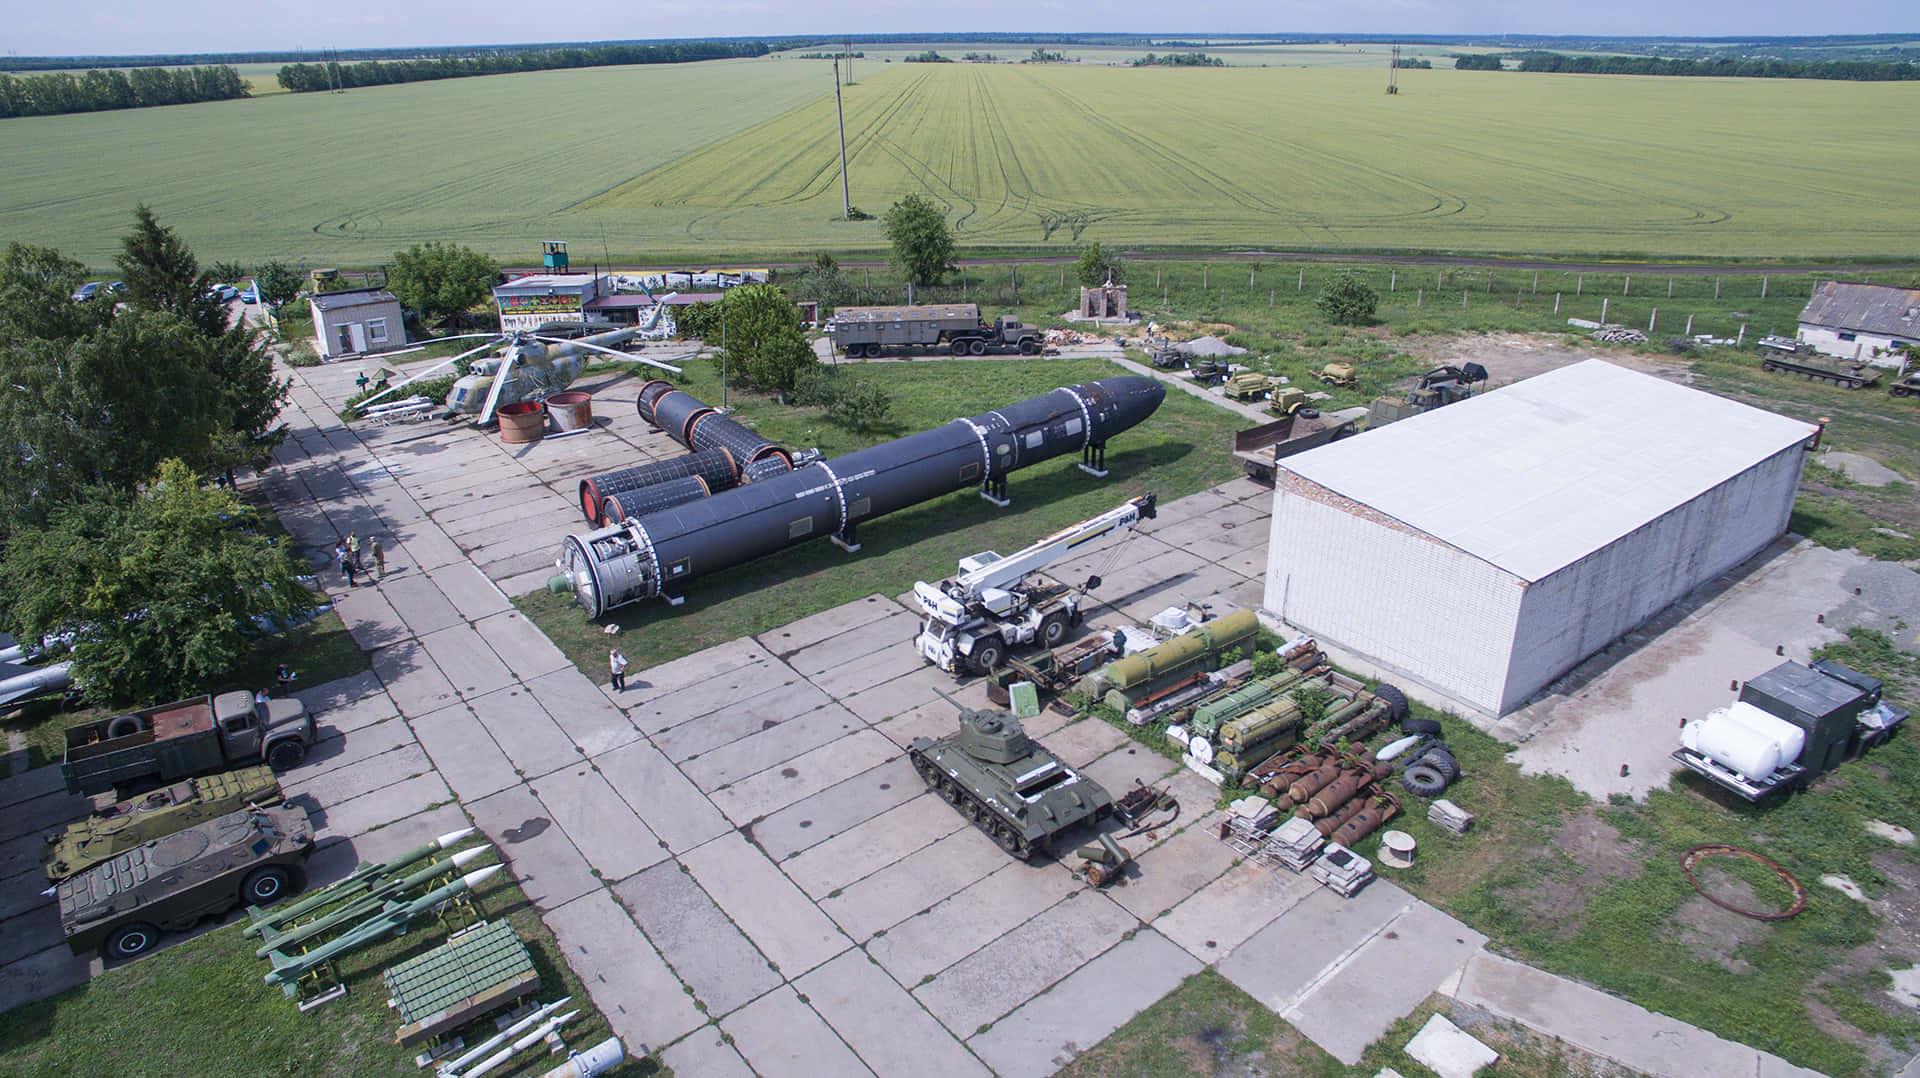 Даже танки и вертолеты выглядят маленькими на фоне